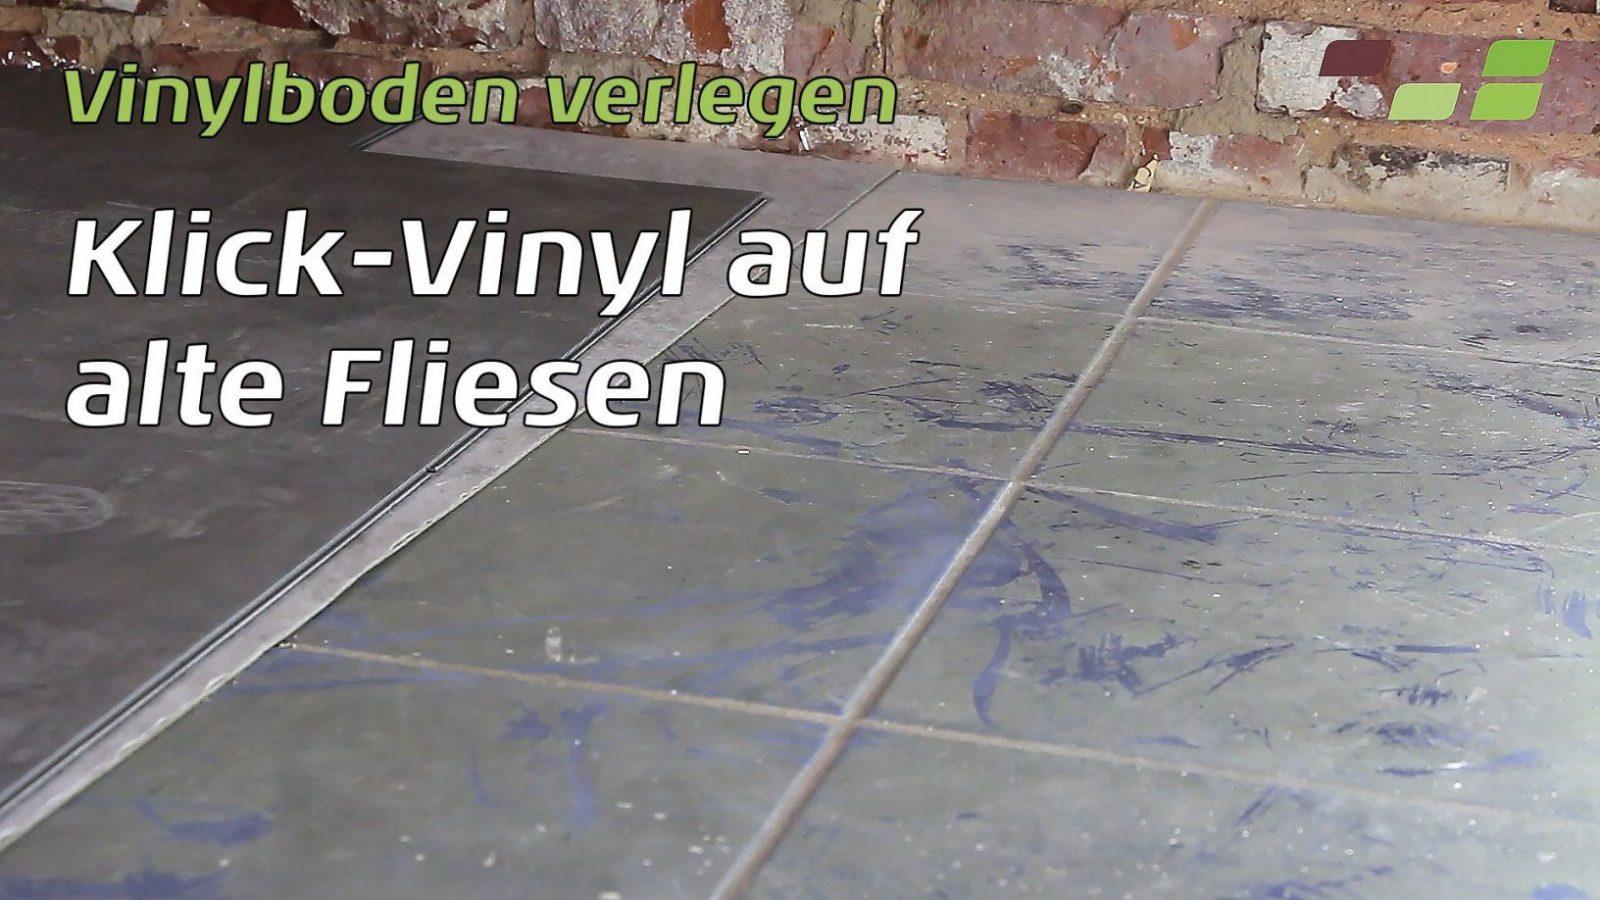 Vinylboden Auf Fliesen Verlegen Planeo Klickvinyl  Youtube von Vinylboden Auf Fliesen Mit Fussbodenheizung Verlegen Bild